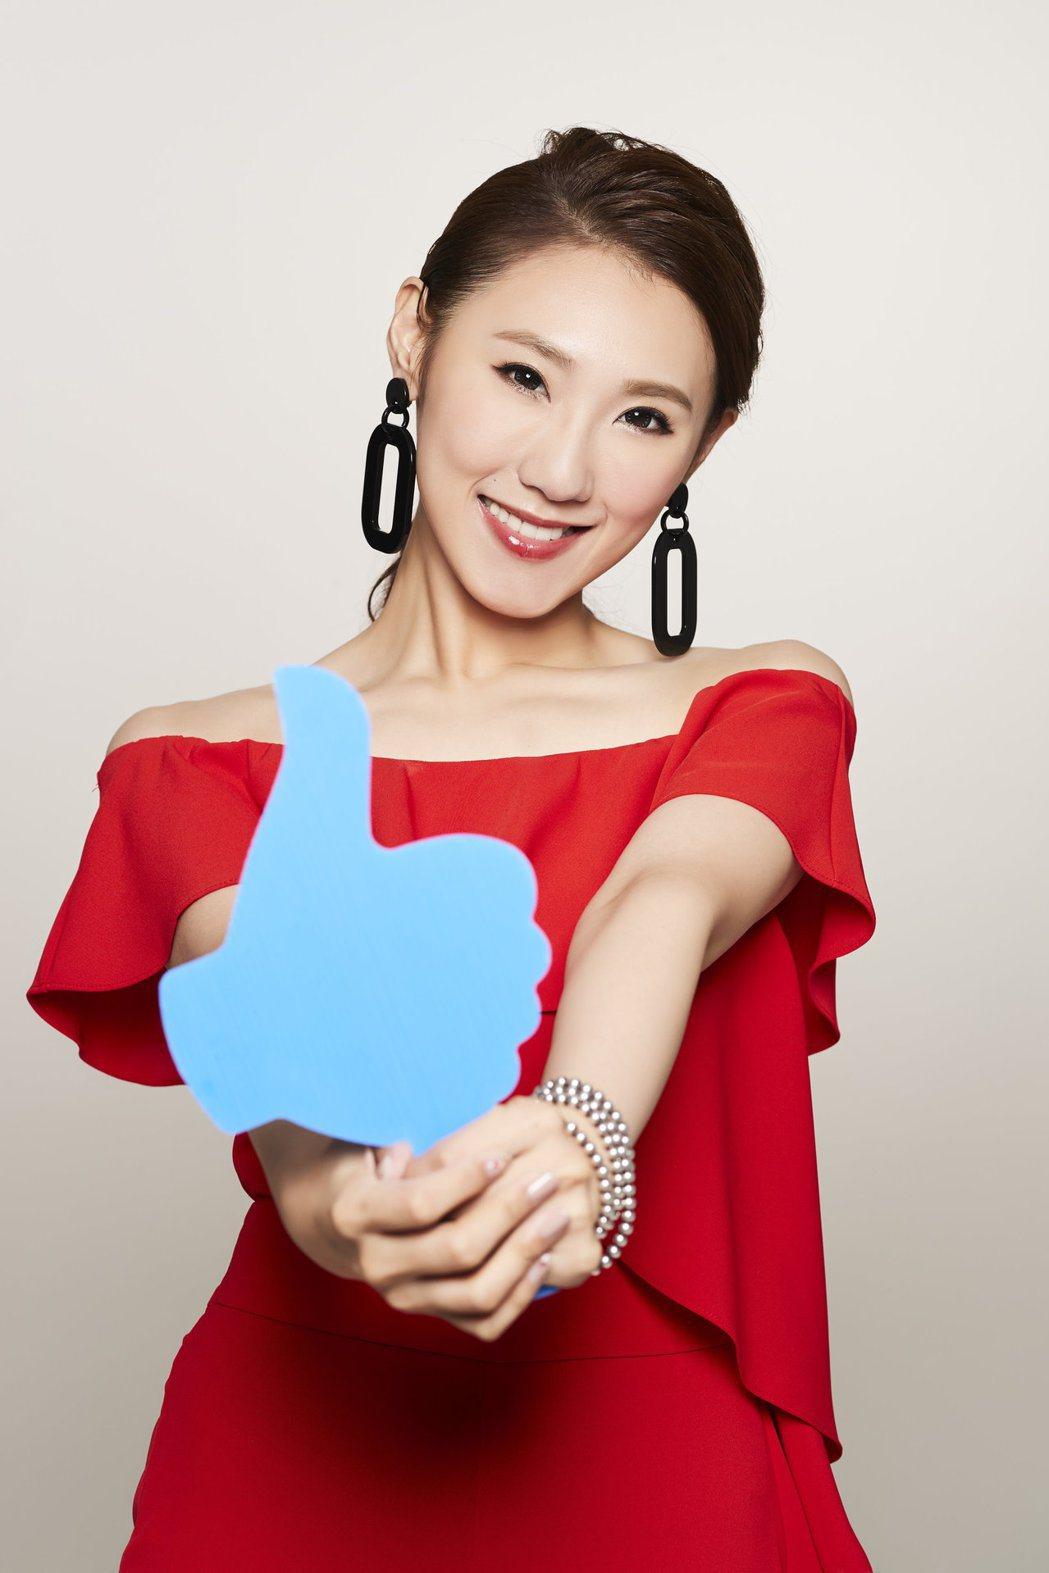 謝金晶推出台語新專輯「放心」,新造型一身紅。圖/豪記唱片提供